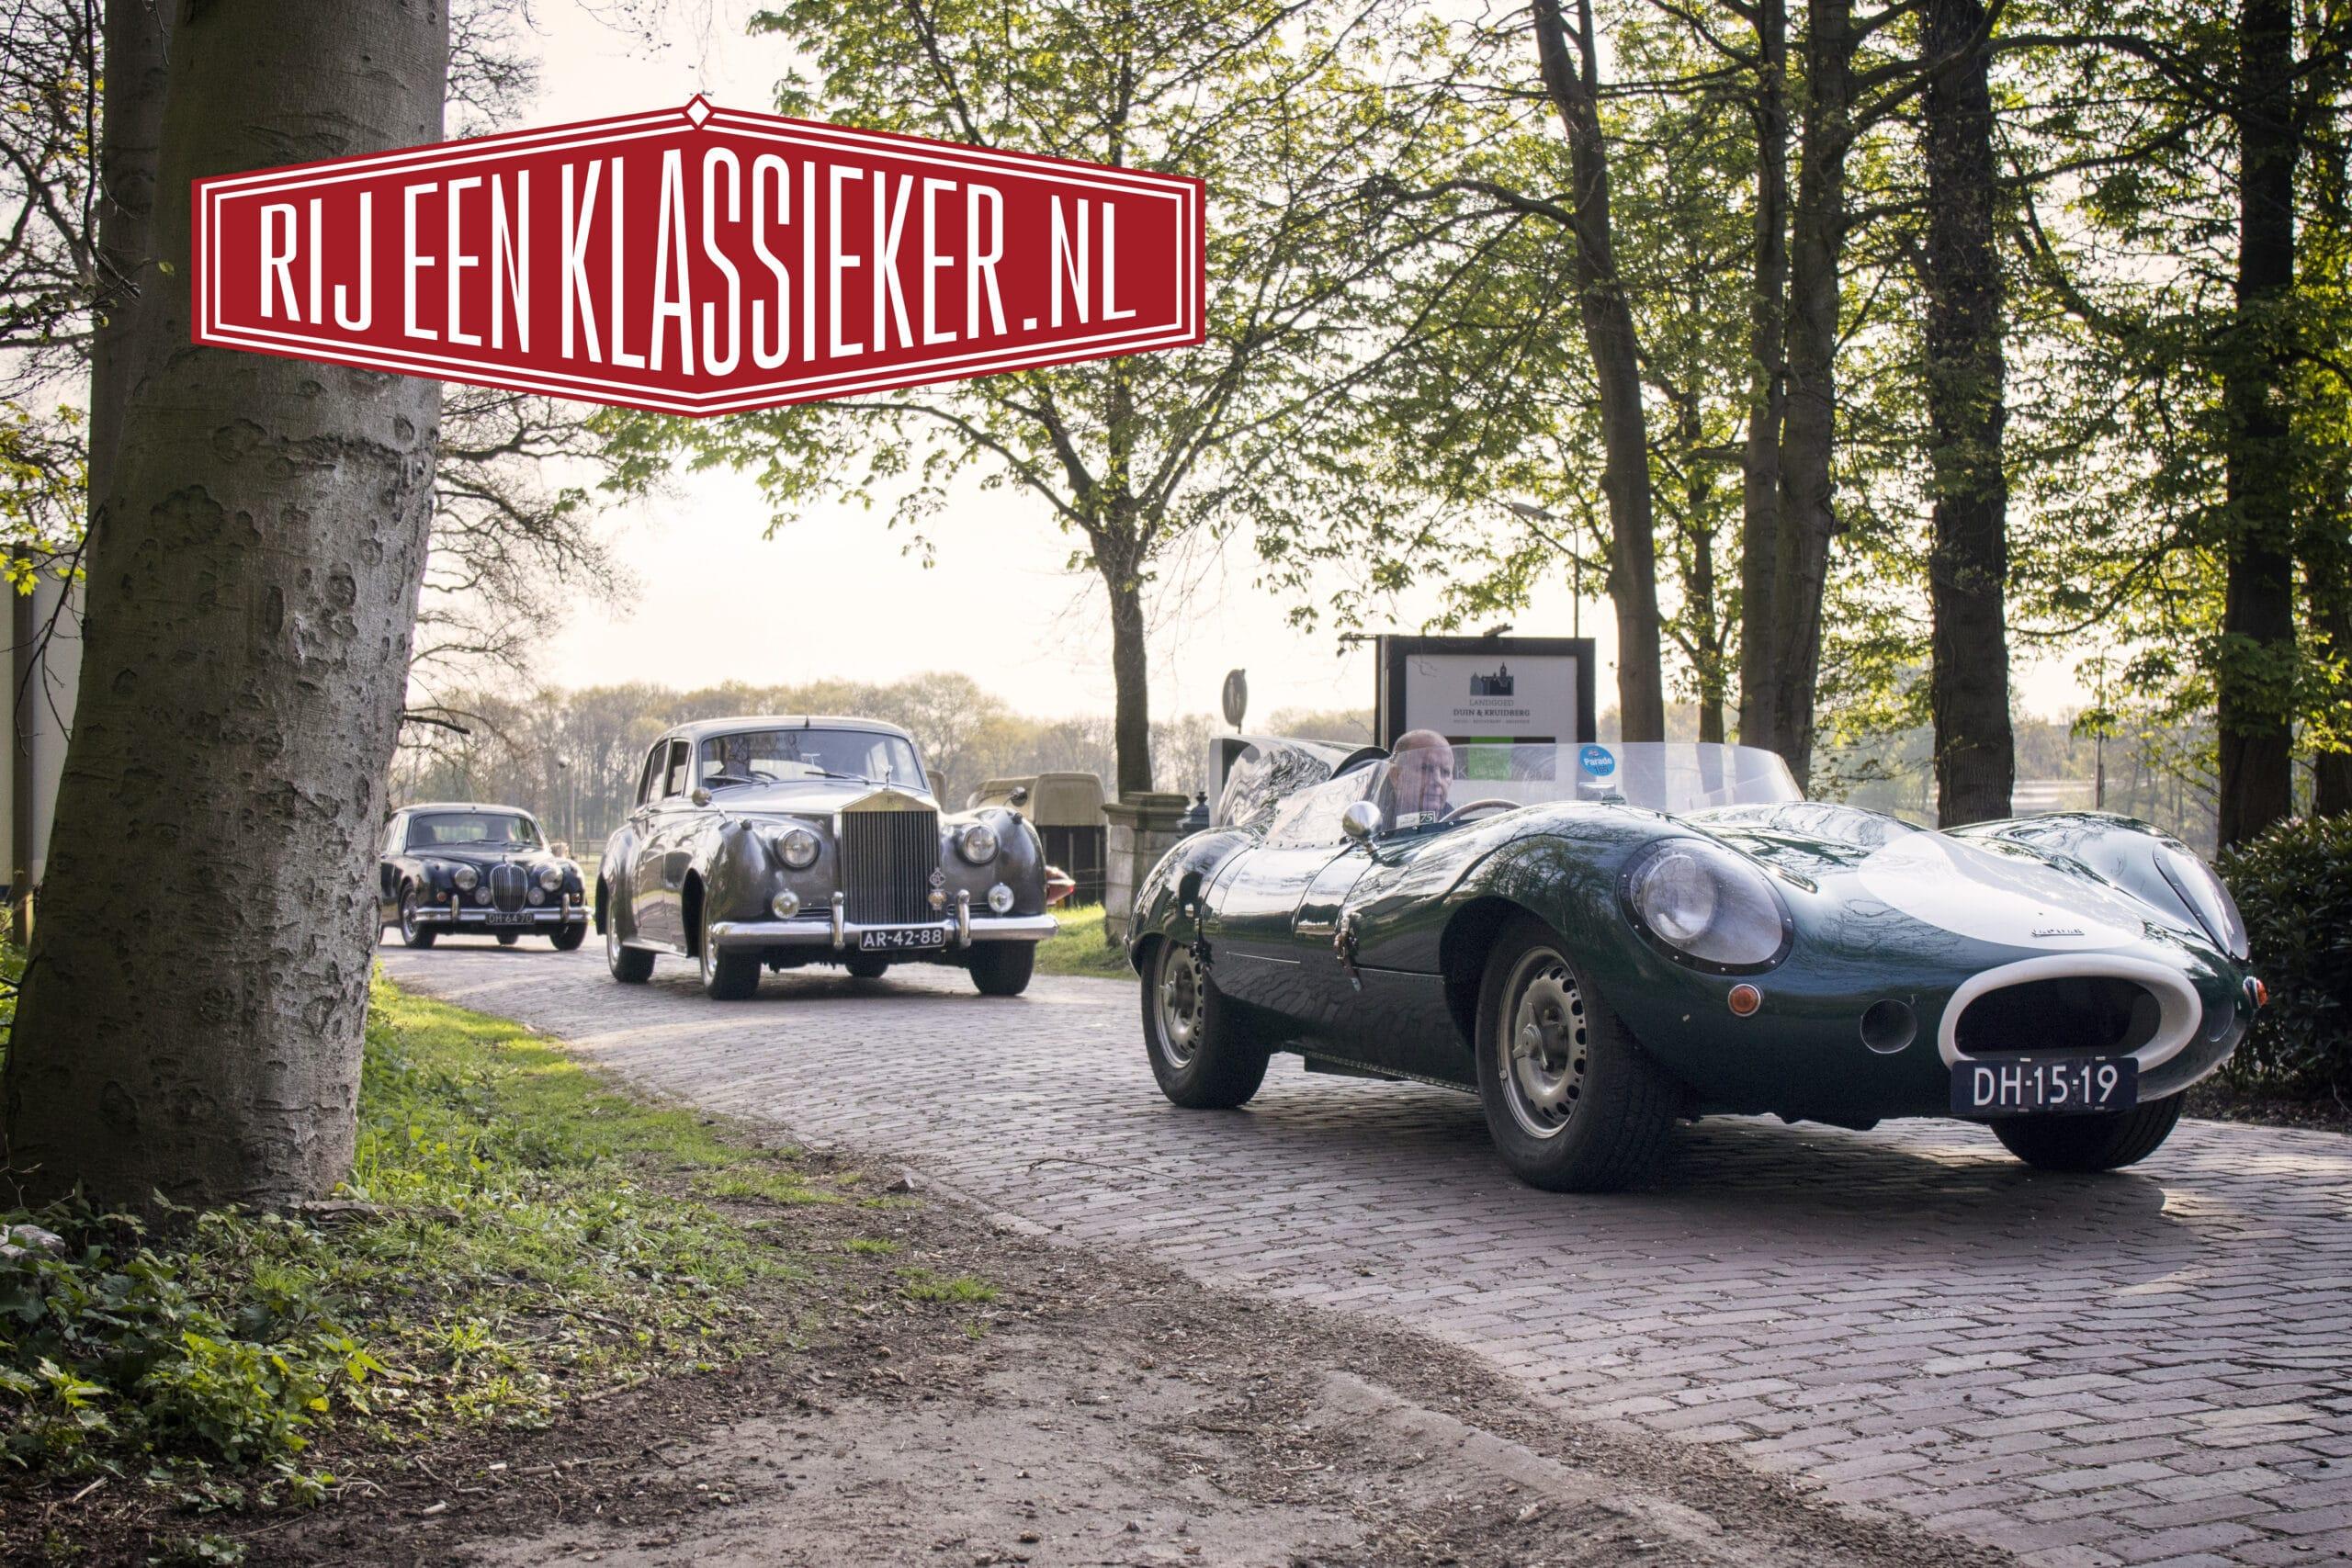 Klassieke Jaguars, Rolls Royce en andere oldtimers tijdens een klassiekerrit.